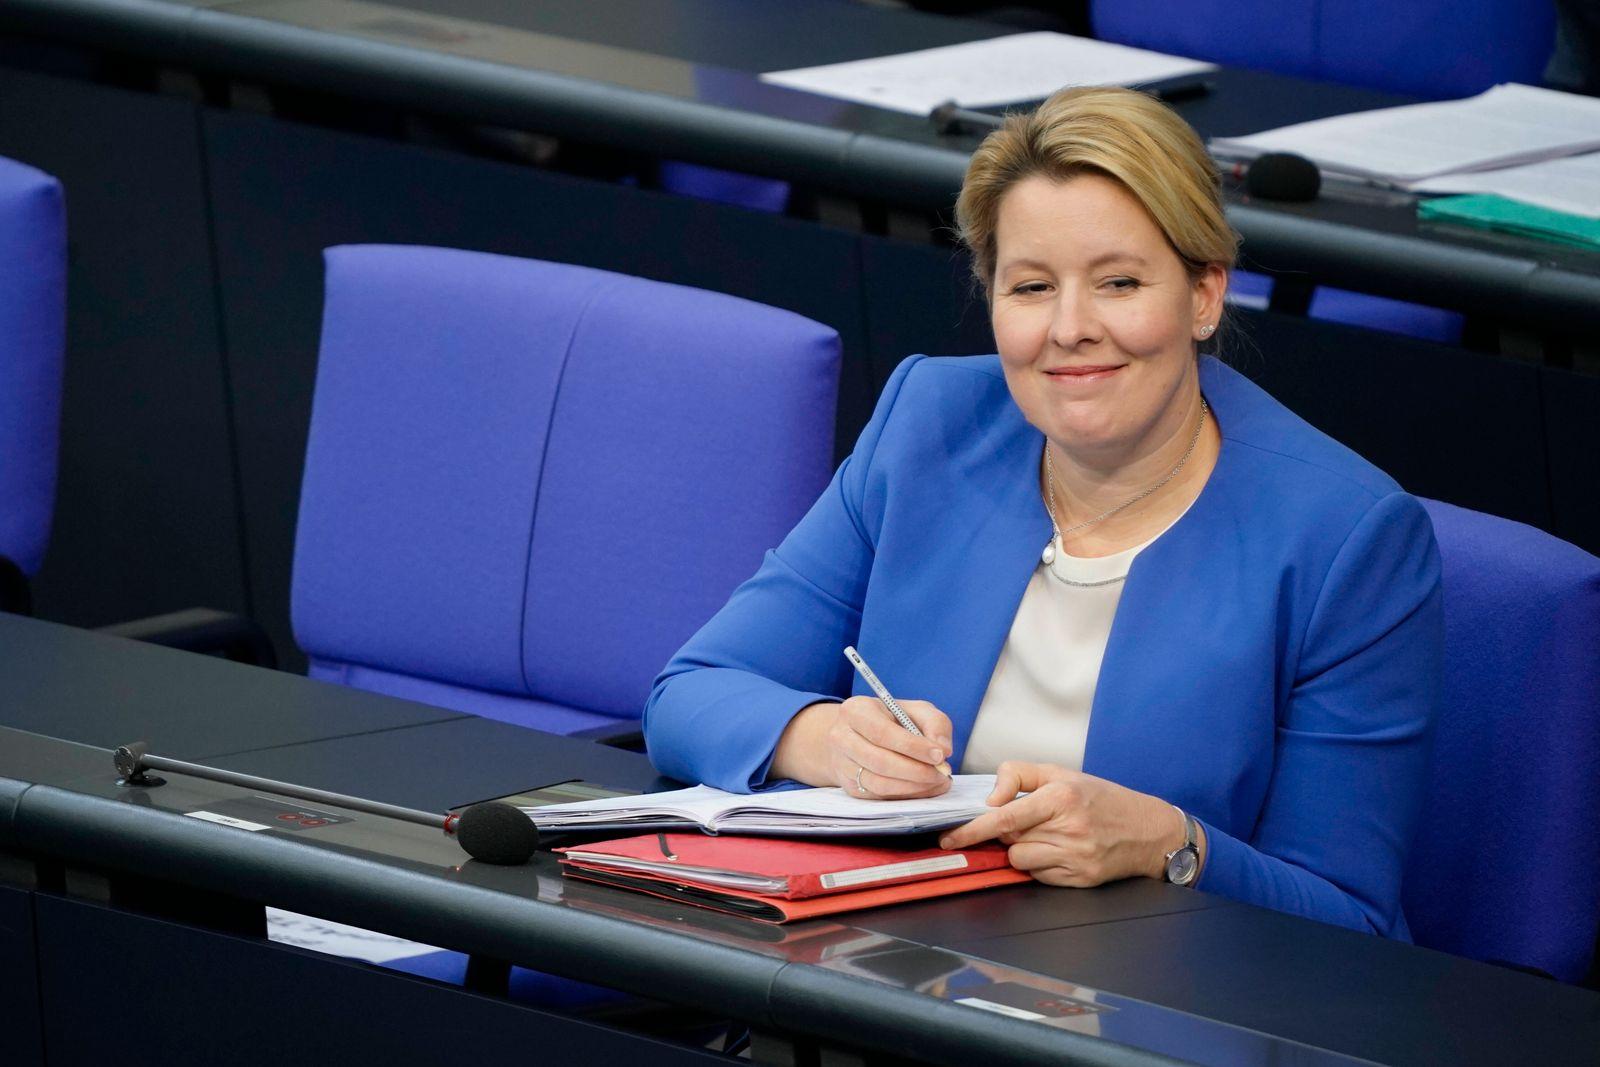 173. Bundestagssitzung am 10.09.2020 in Berlin Aktuell, 10.09.2020, Berlin Franziska Giffey die Bundesministerin fuer F